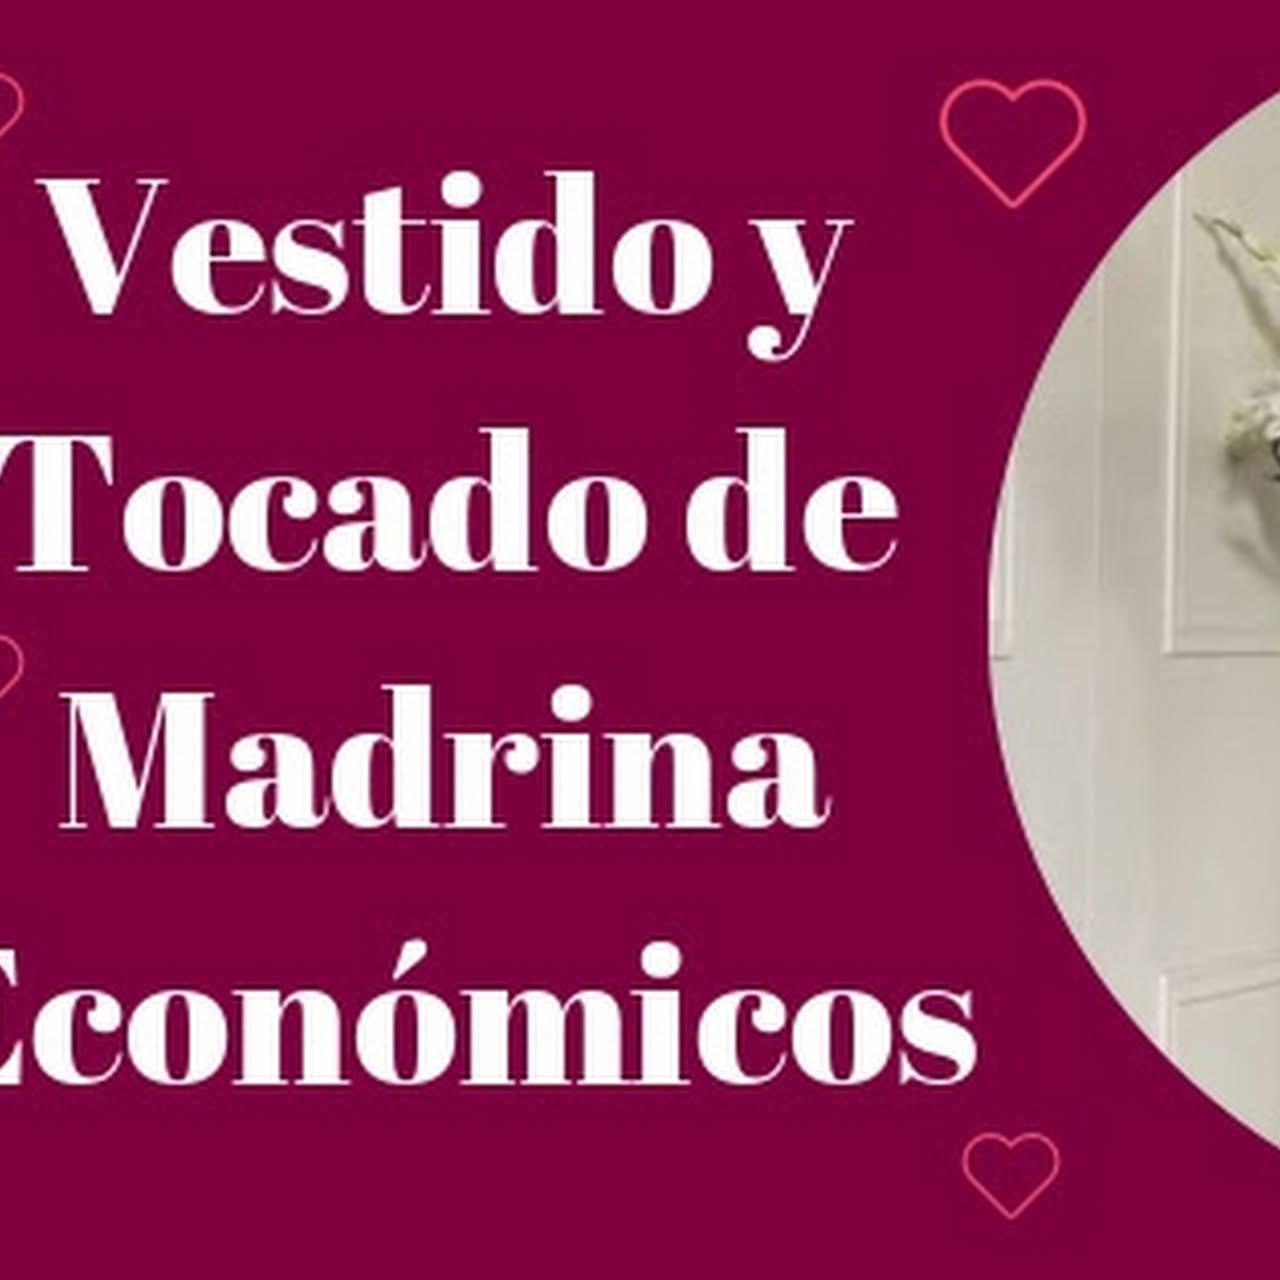 Marian Novias - Tienda de vestidos de novia en Gándara de Arriba